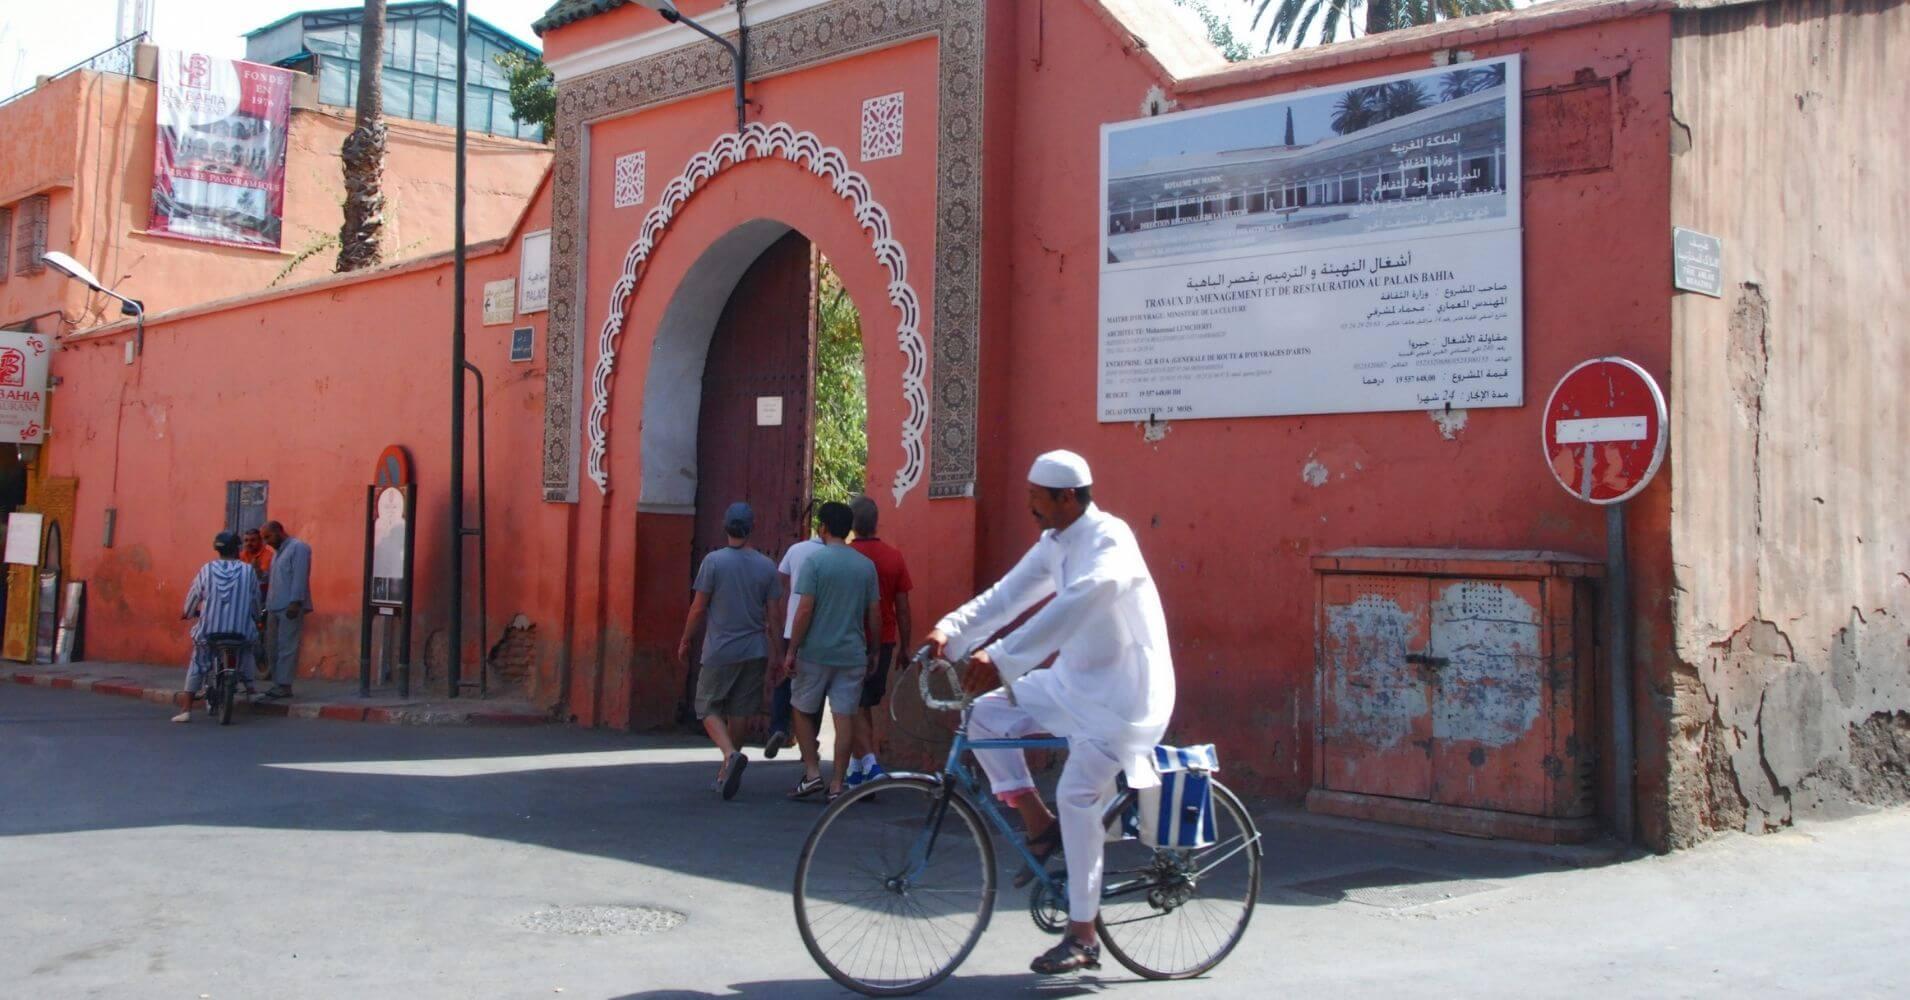 Entrada Palacio de la Bahía, Marrakech. Marruecos.